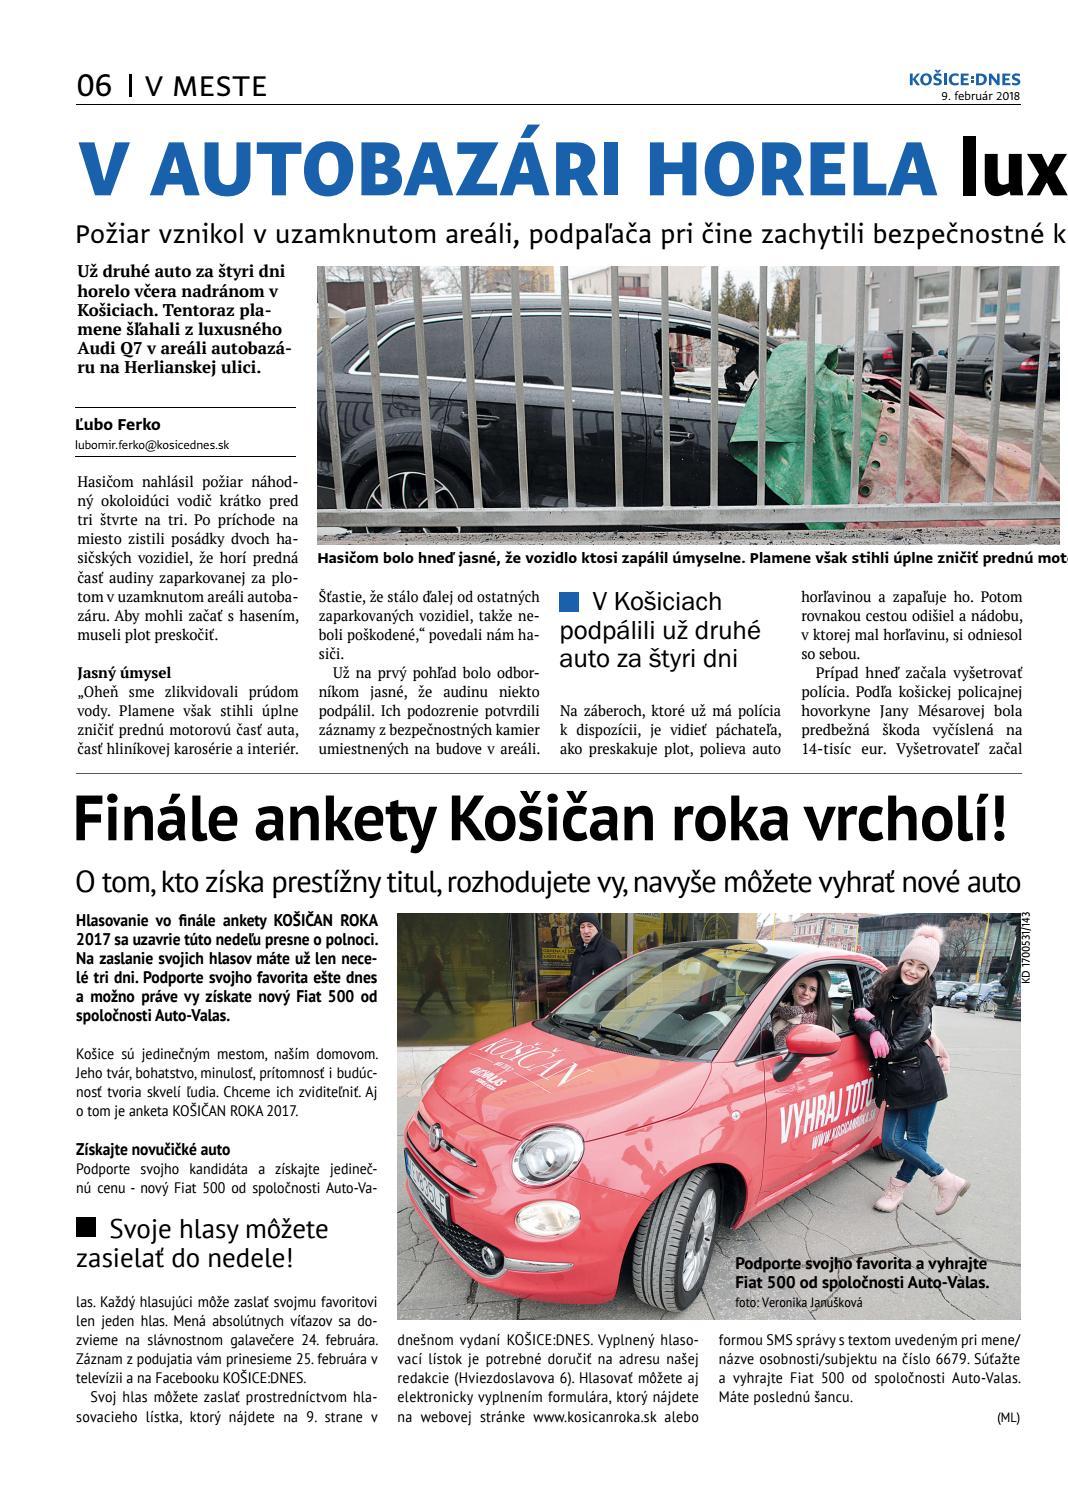 b1e85dfd3 KOŠICE:DNES 9.2.2018 by KOŠICE:DNES - issuu